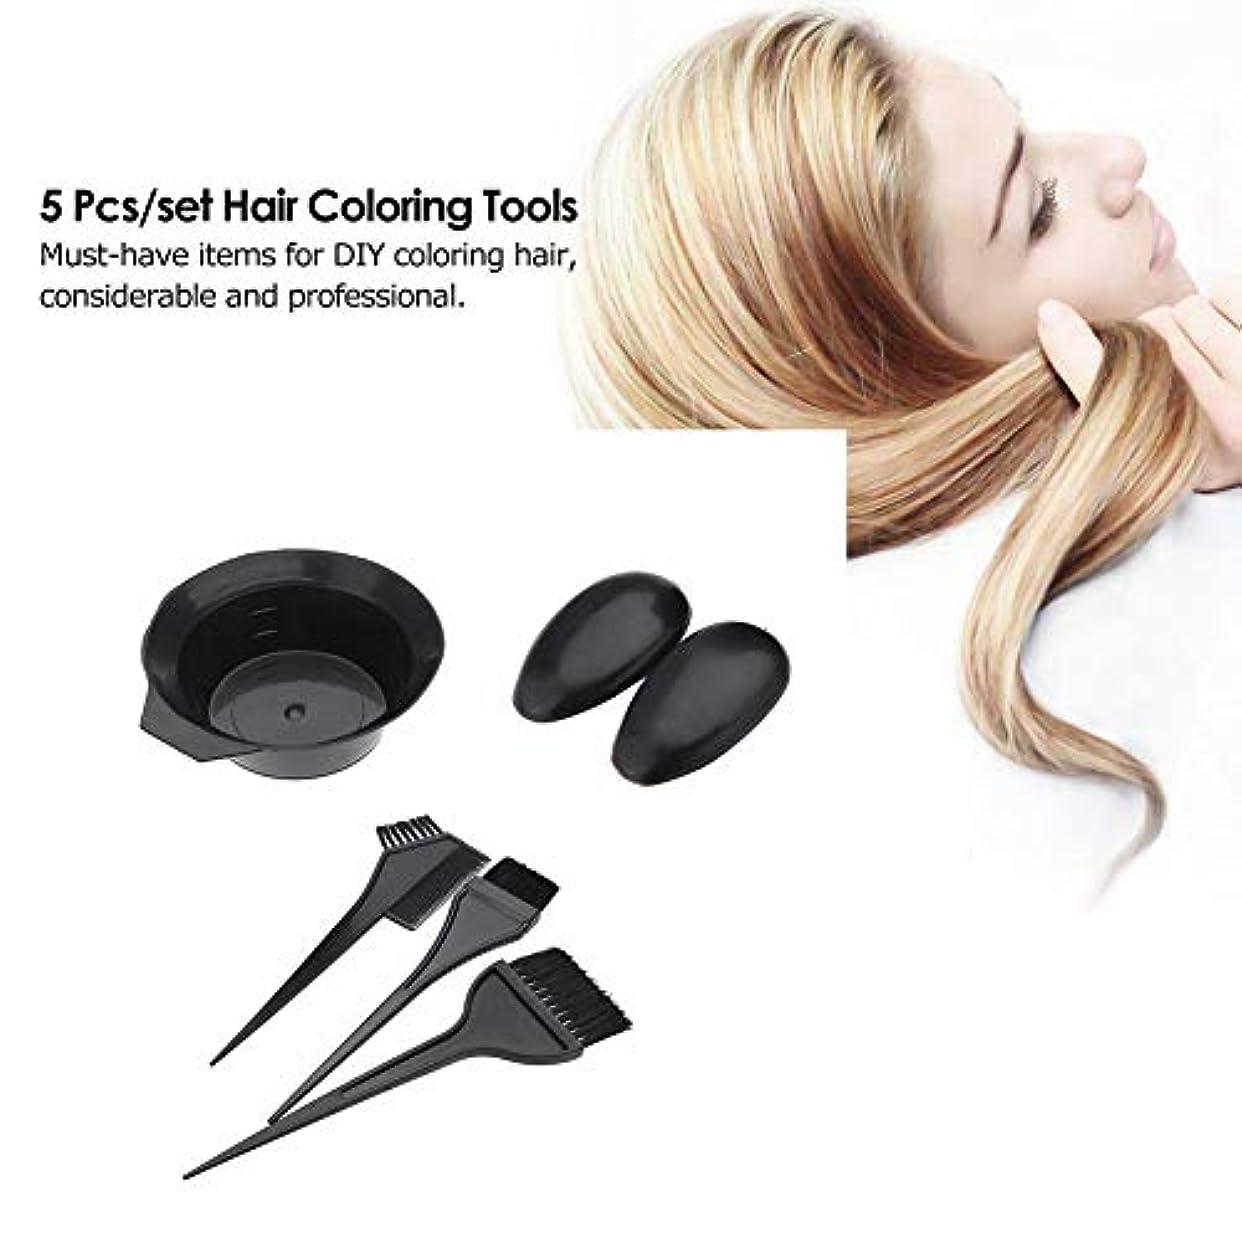 なぜなら爬虫類癒すヘア染色セットキット5ピース - diyプロフェッショナルヘアダイカラーミキシングボウルブラシ&くし - 黒理髪美容ツールアプリケーター色合い